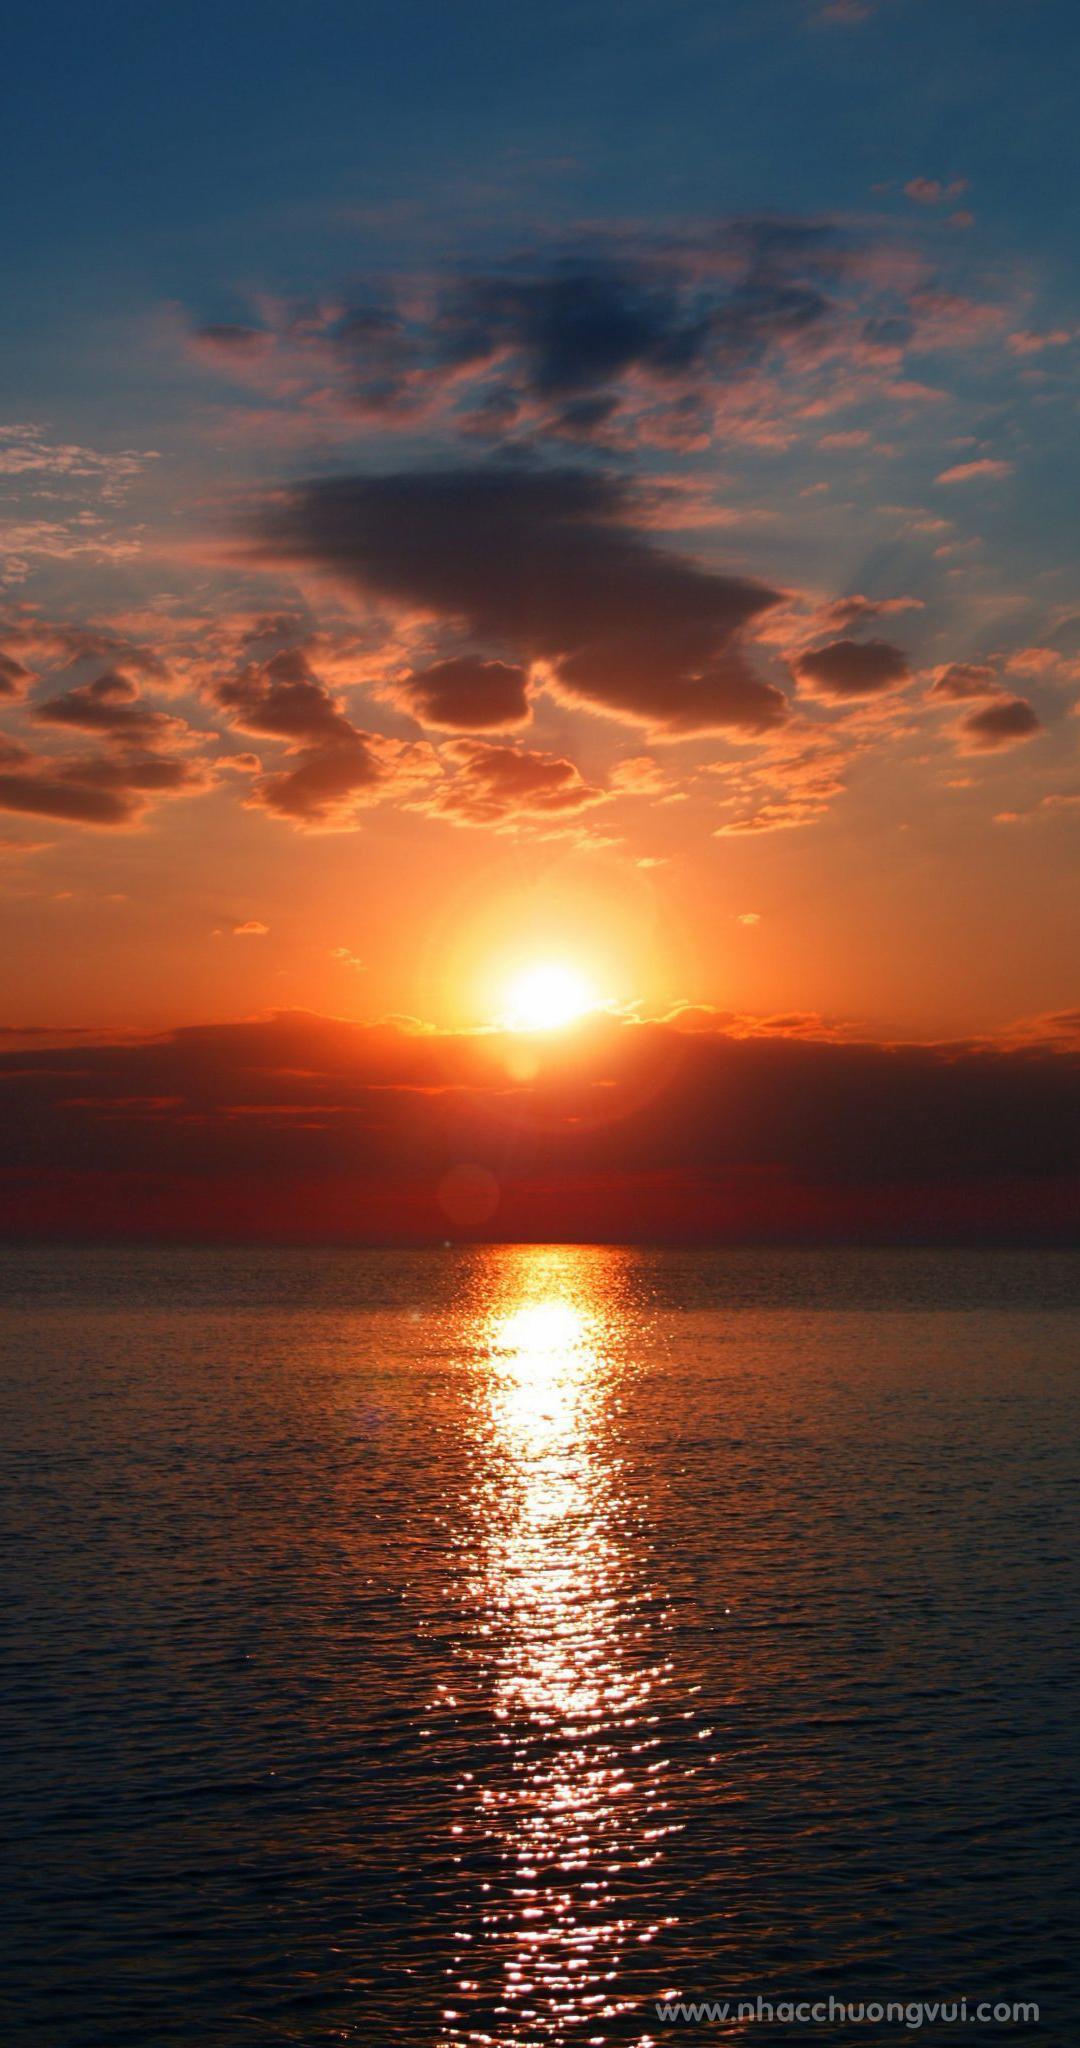 Hình nền mặt trời điện thoại đẹp nhất 7